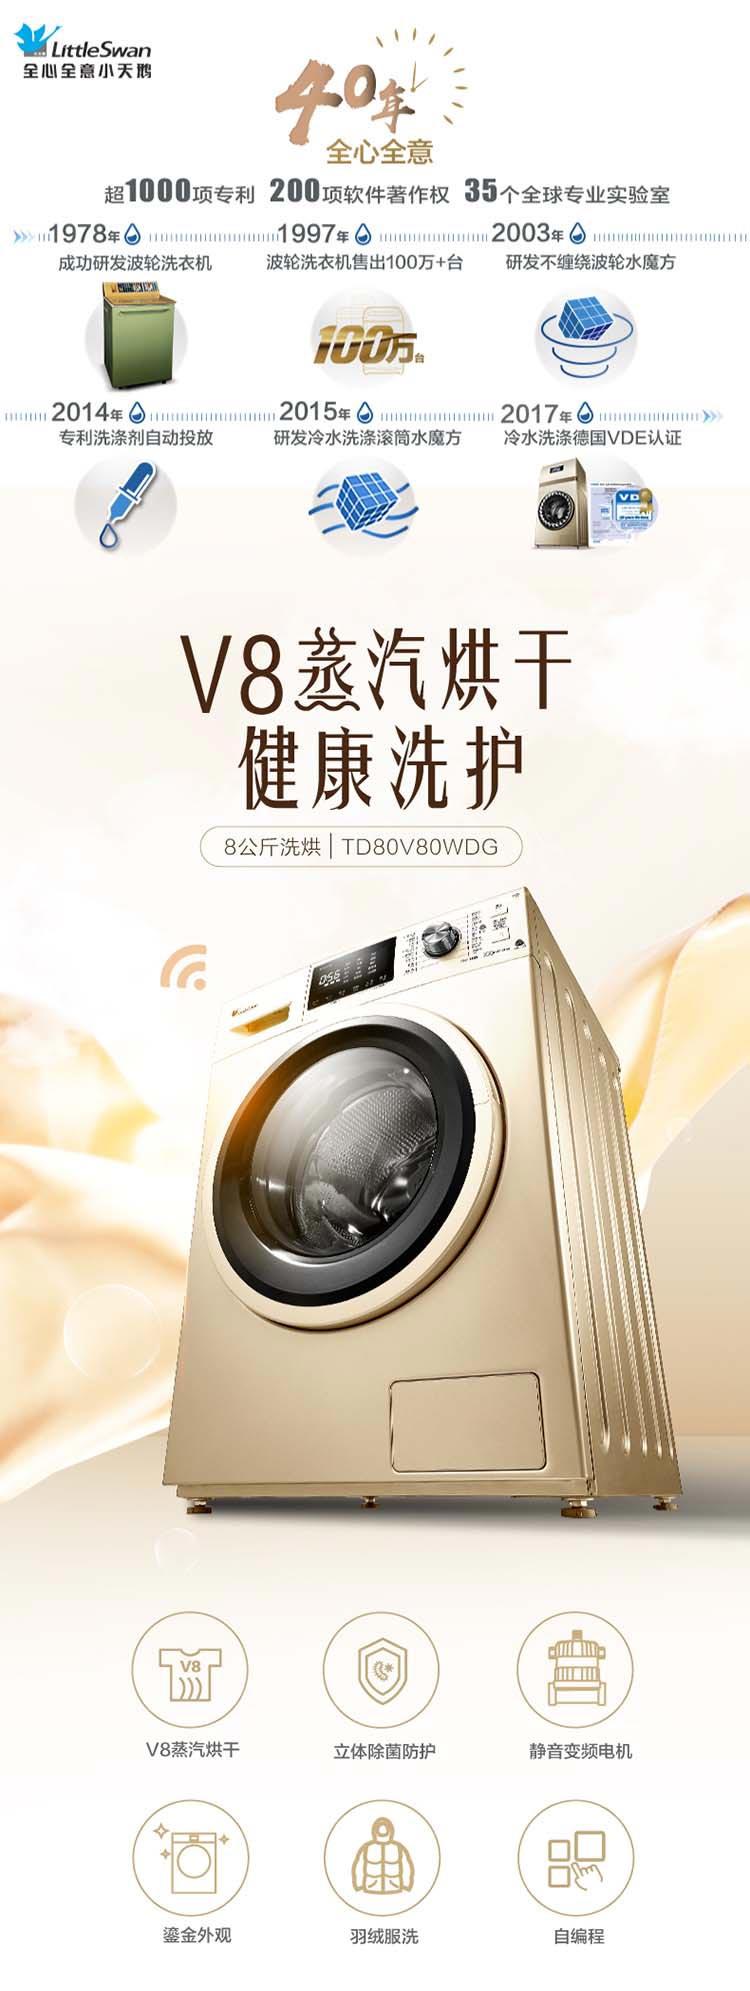 TD80V80WDG-750_01.jpg